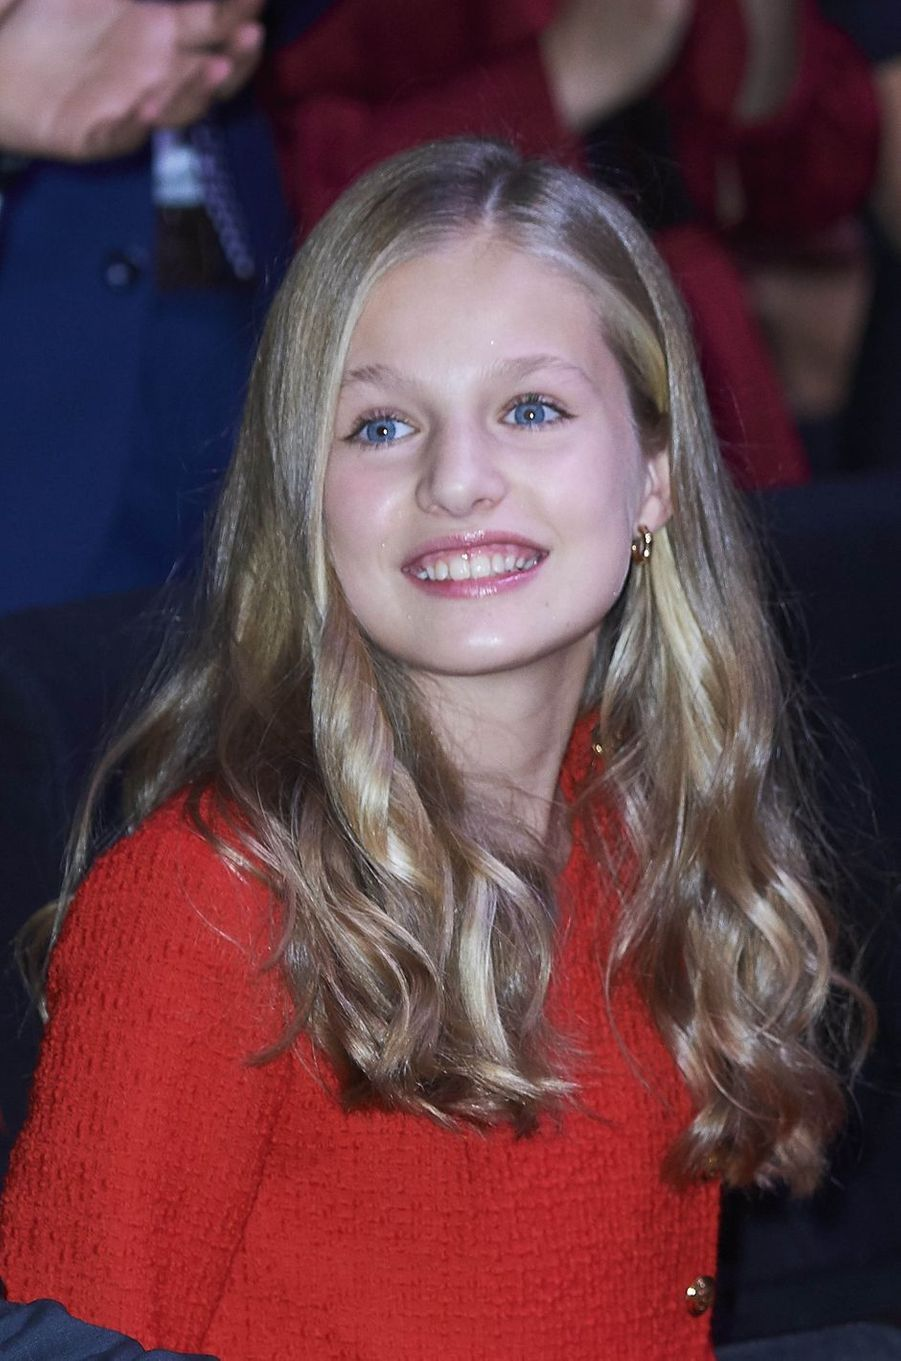 La princesse Leonor d'Espagne (ici le 4 novembre 2019) va fêter ses 15 ans en 2020